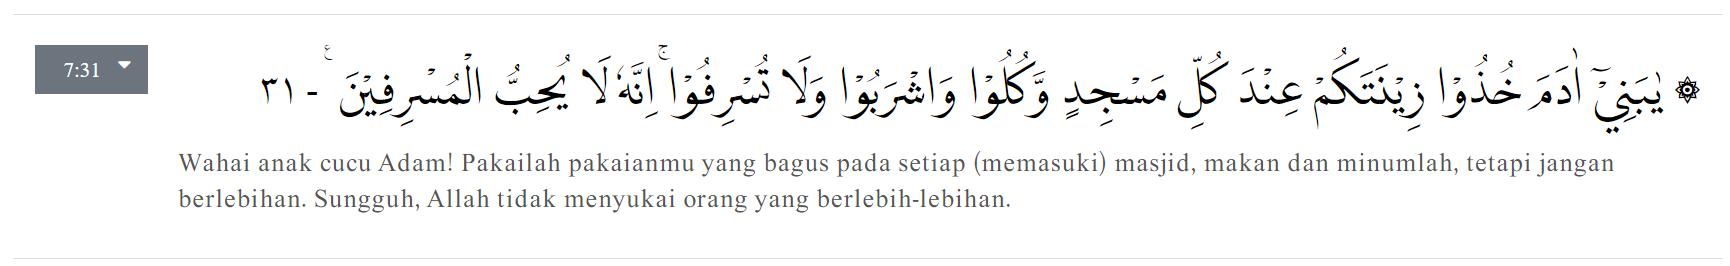 Al-A'raf 31